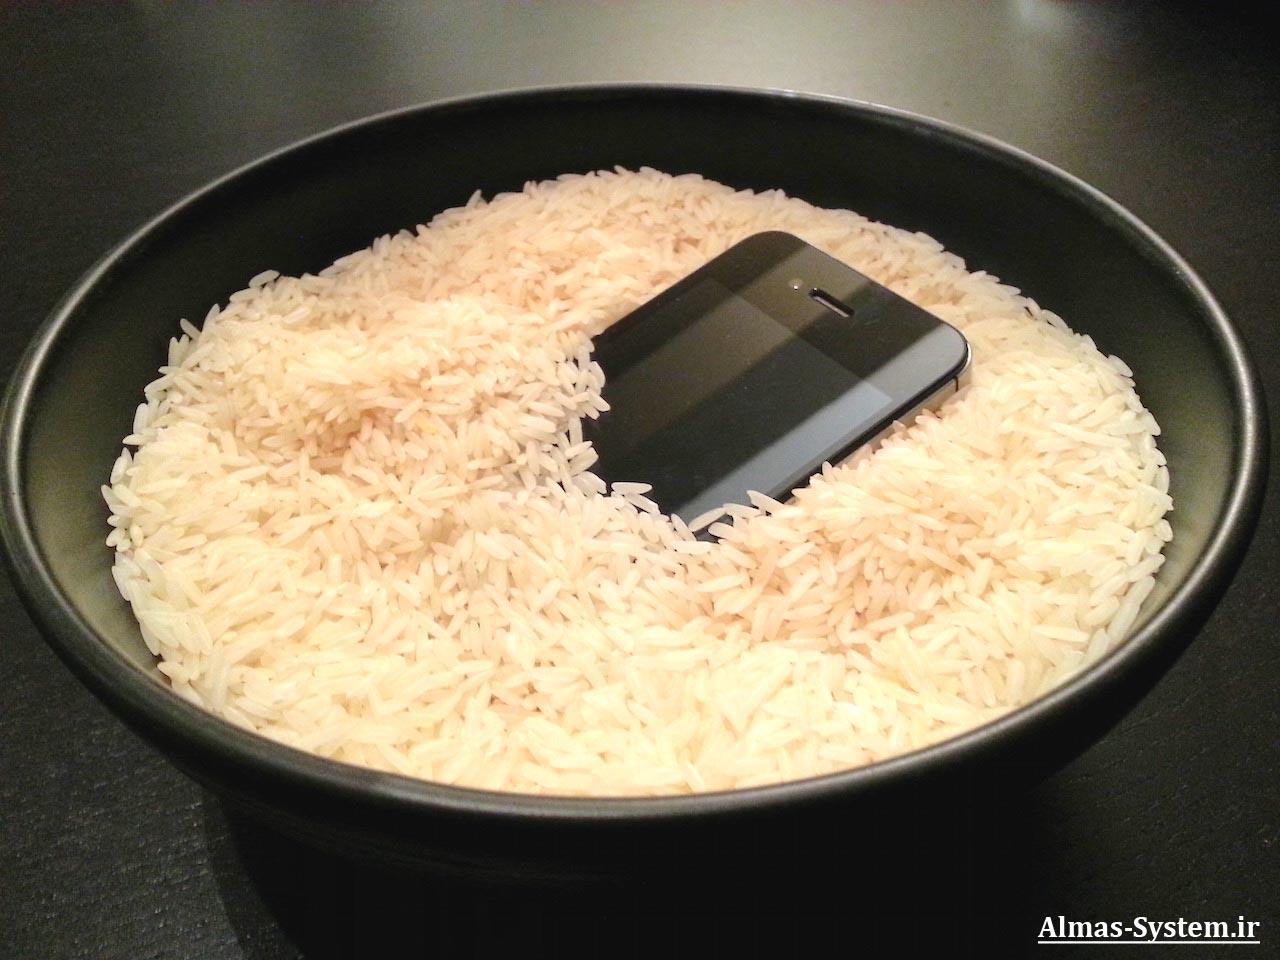 قرار دادن گوشی خیس شده در برنج جهت جذب رسوبت آن